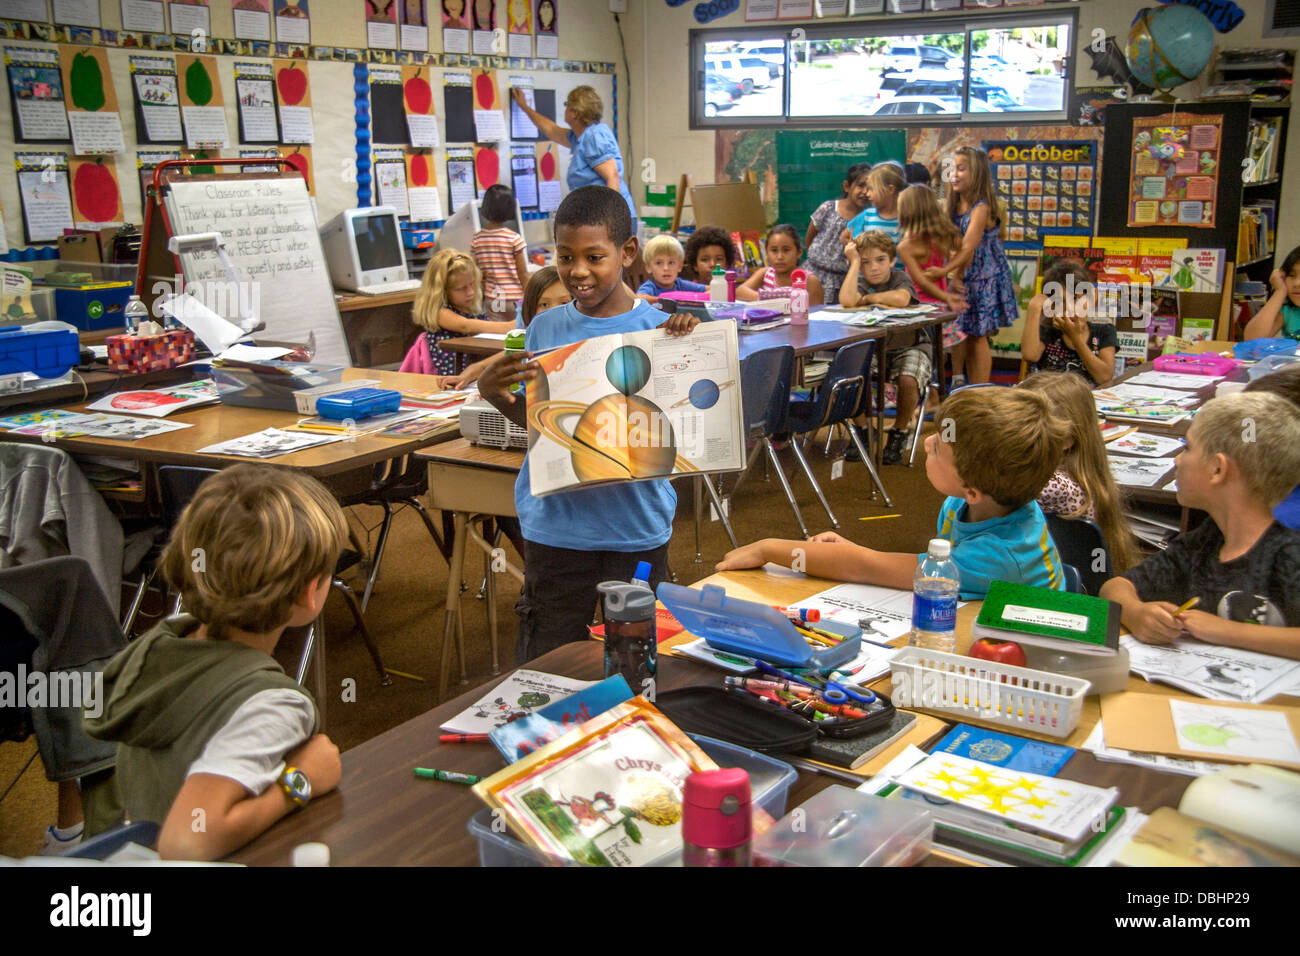 Un écolier du primaire utilise un livre d'astronomie illustré pour expliquer le système solaire Photo Stock